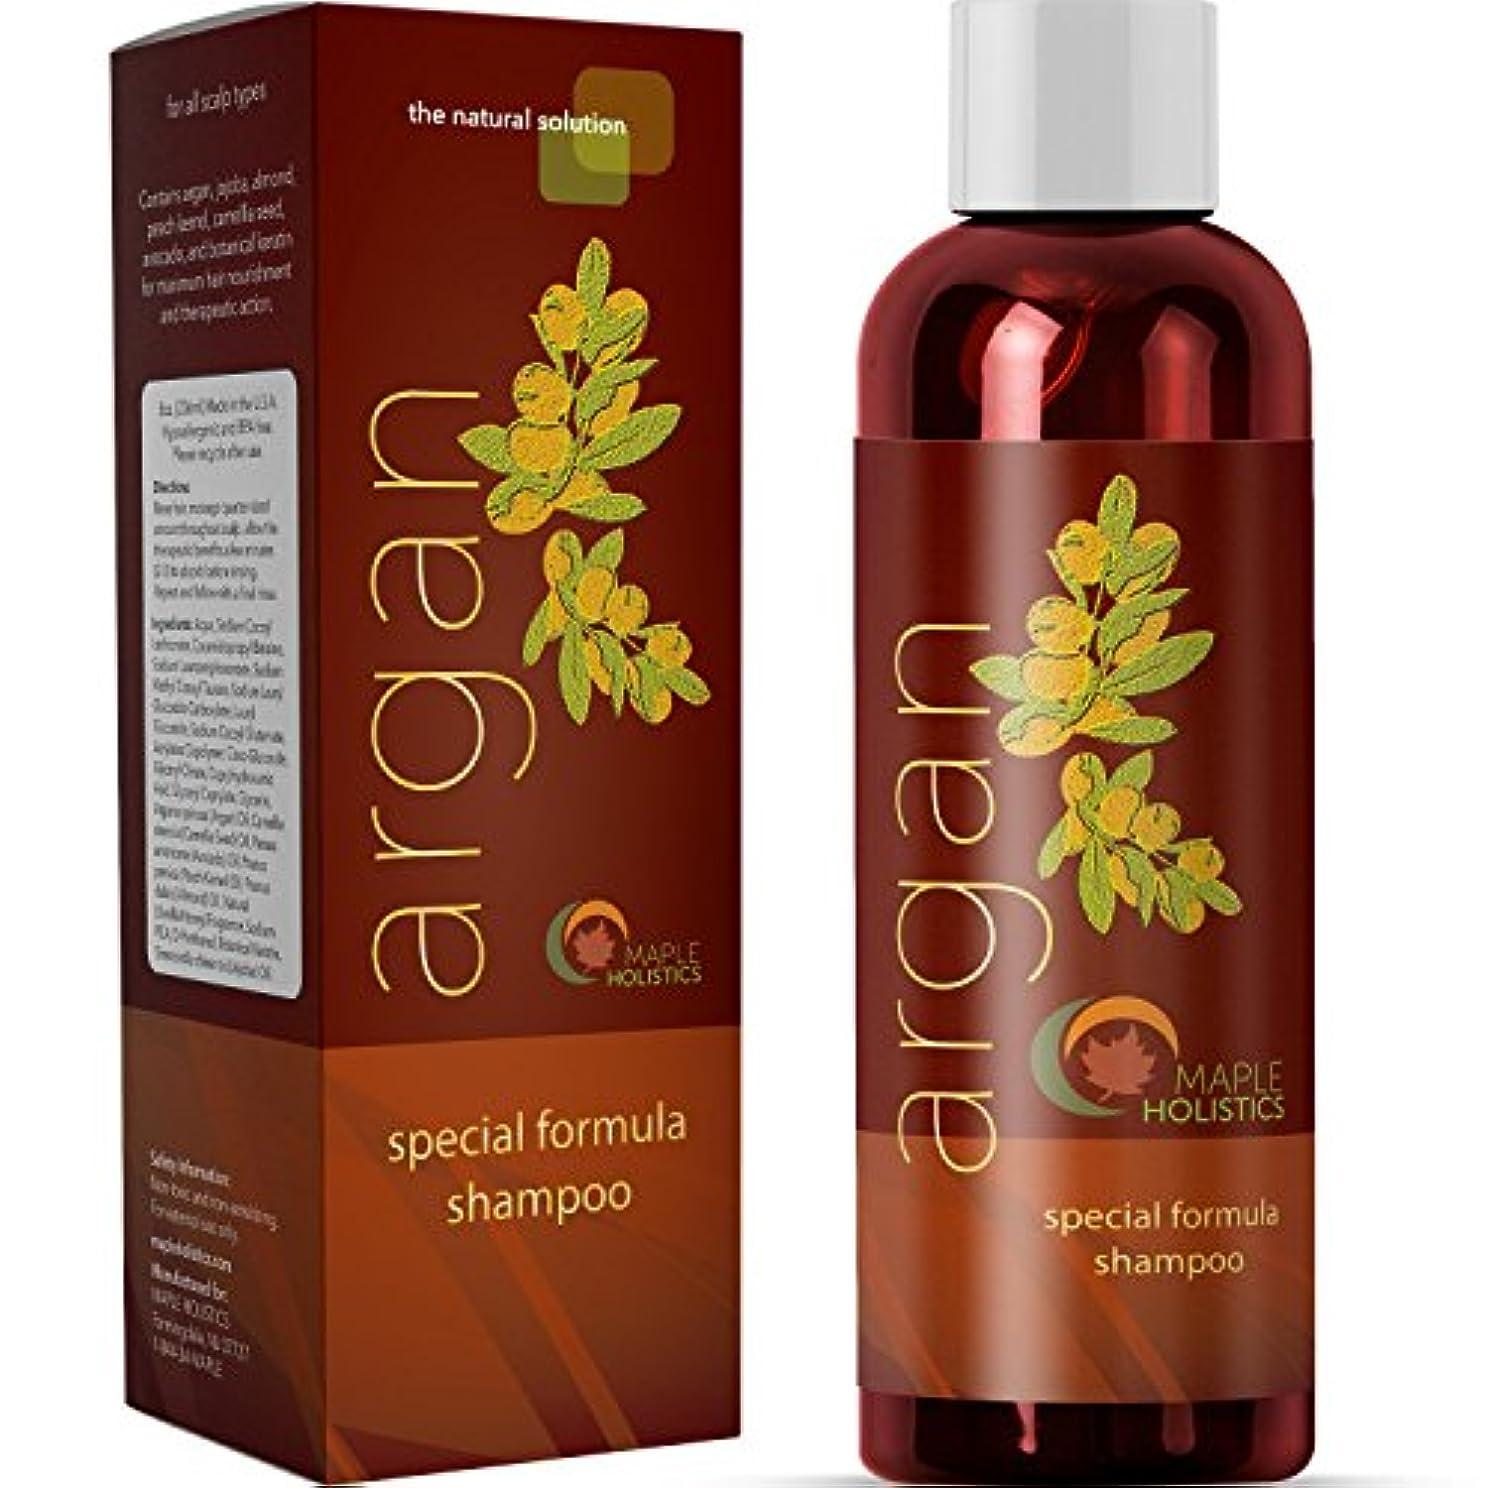 リダクターポール申請者Maple Holistics Argan Oil Shampoo, Sulfate Free, 8 oz. - With Argan, Jojoba, Avocado, Almond, Peach Kernel, Camellia Seed, and Keratin -